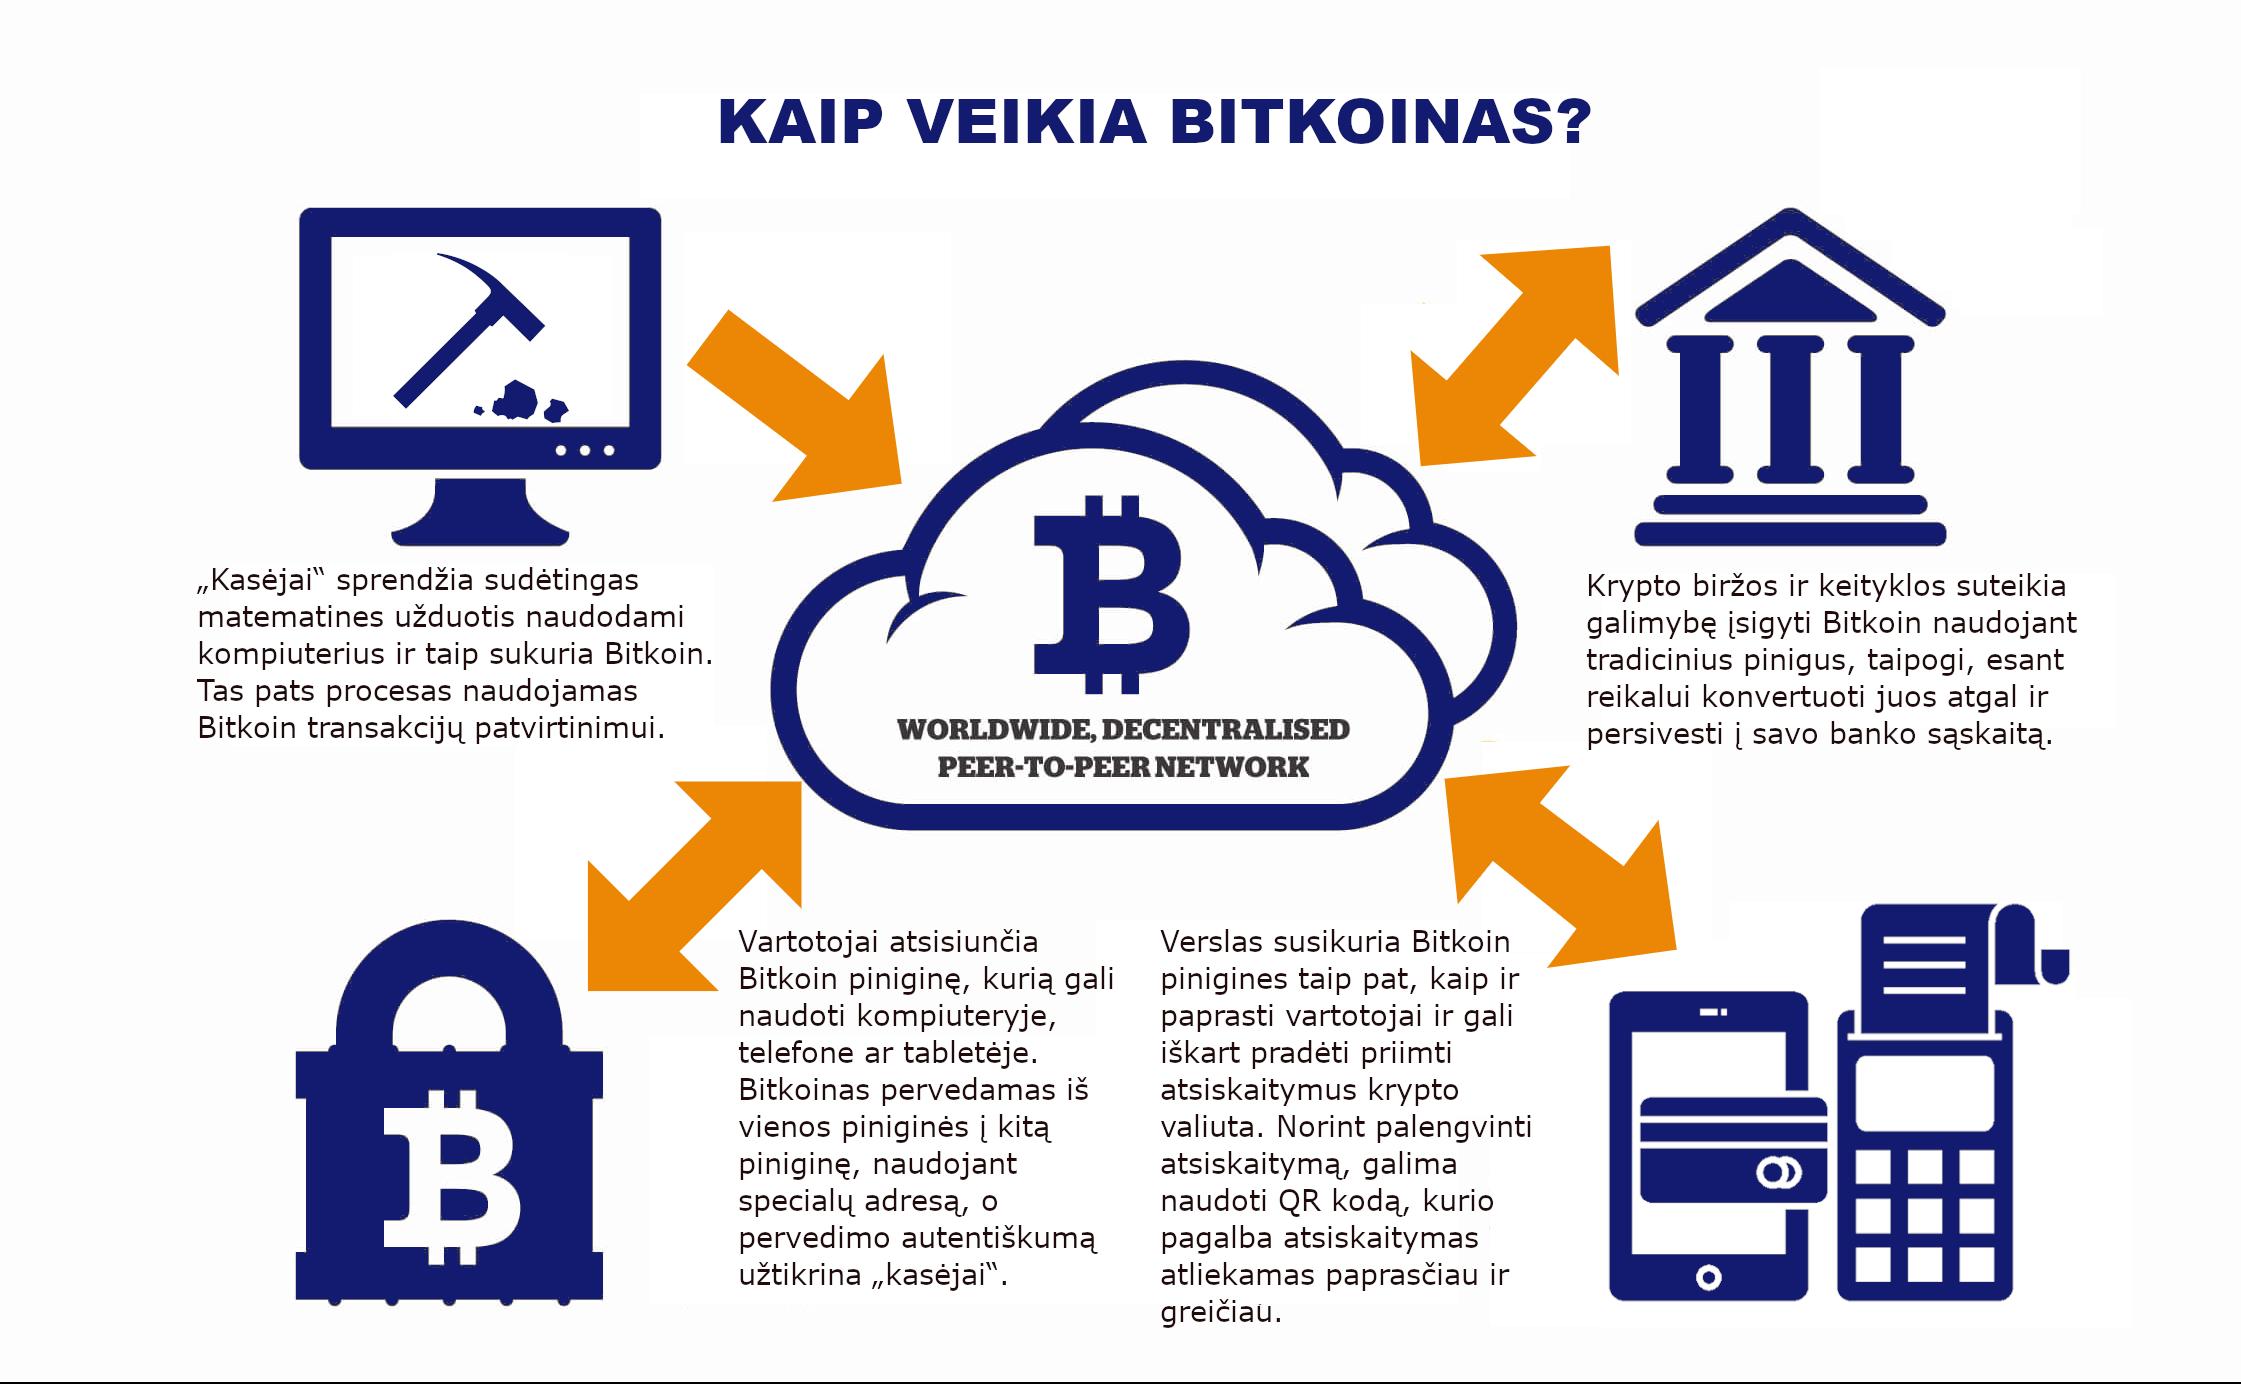 investicijos į bitkoiną be binarinių opcionų pinigų valdymas